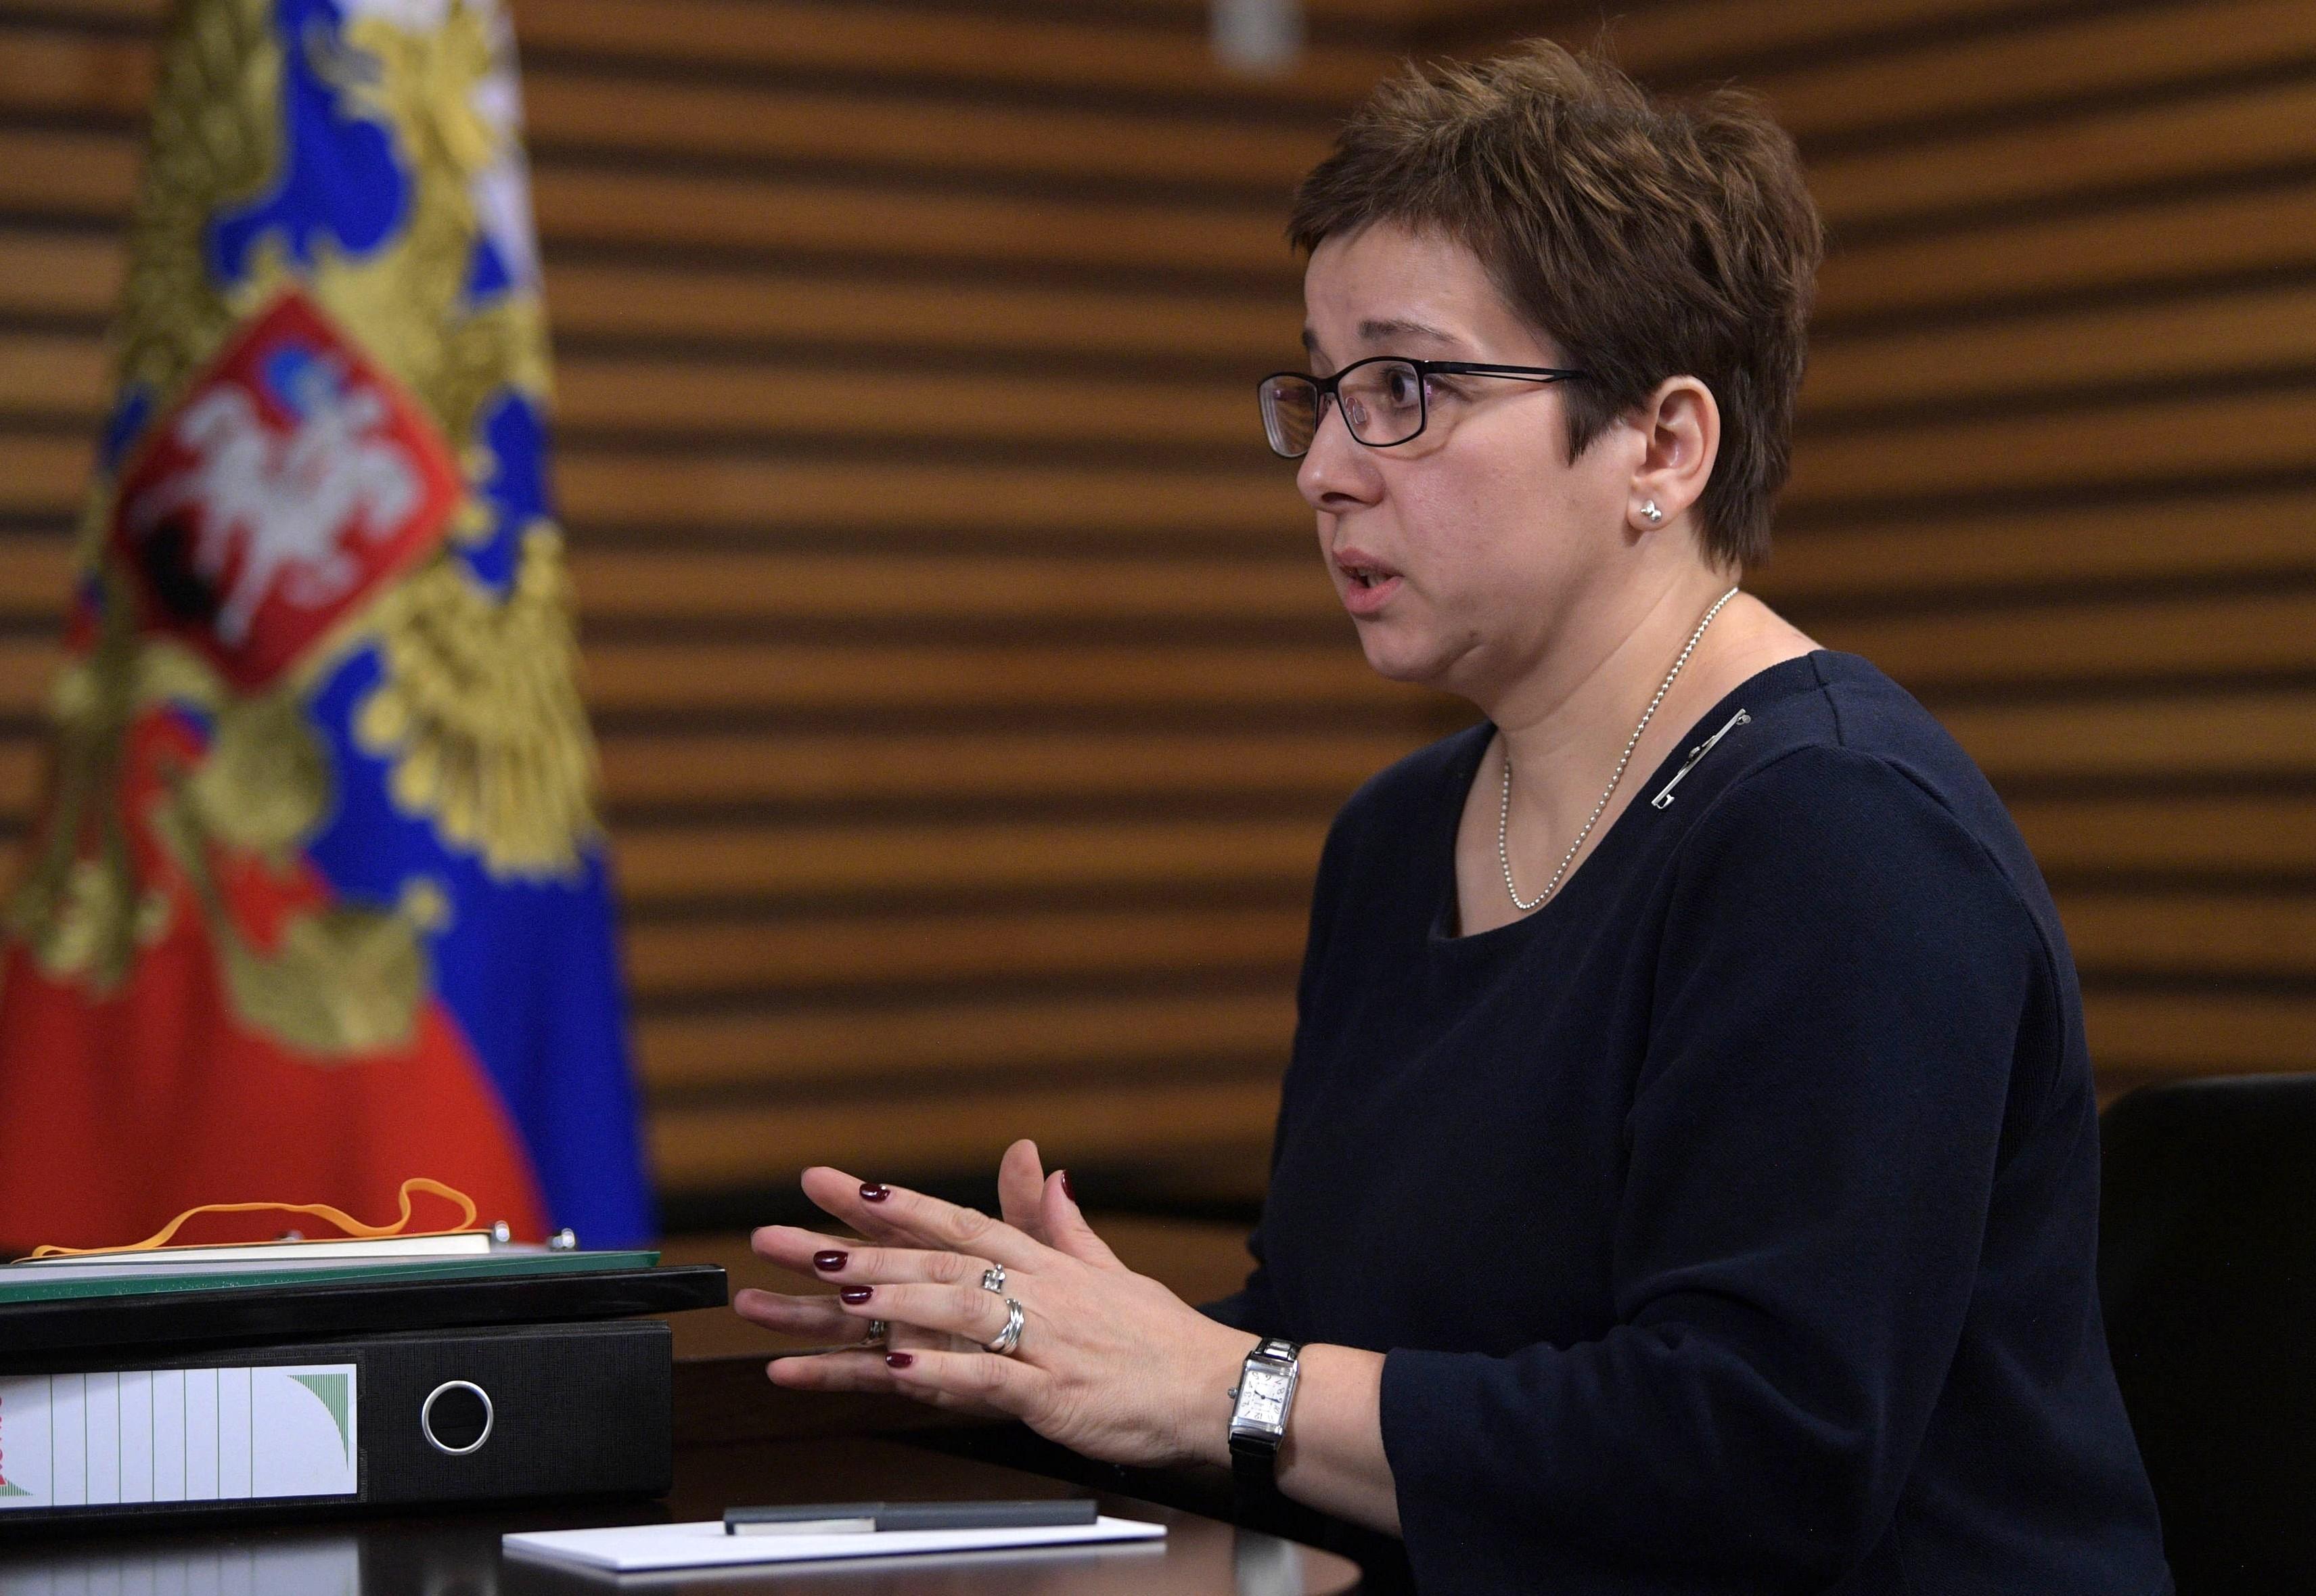 <p>Анна Федермессер. Фото: &copy; РИА Новости / Алексей Дружинин</p>